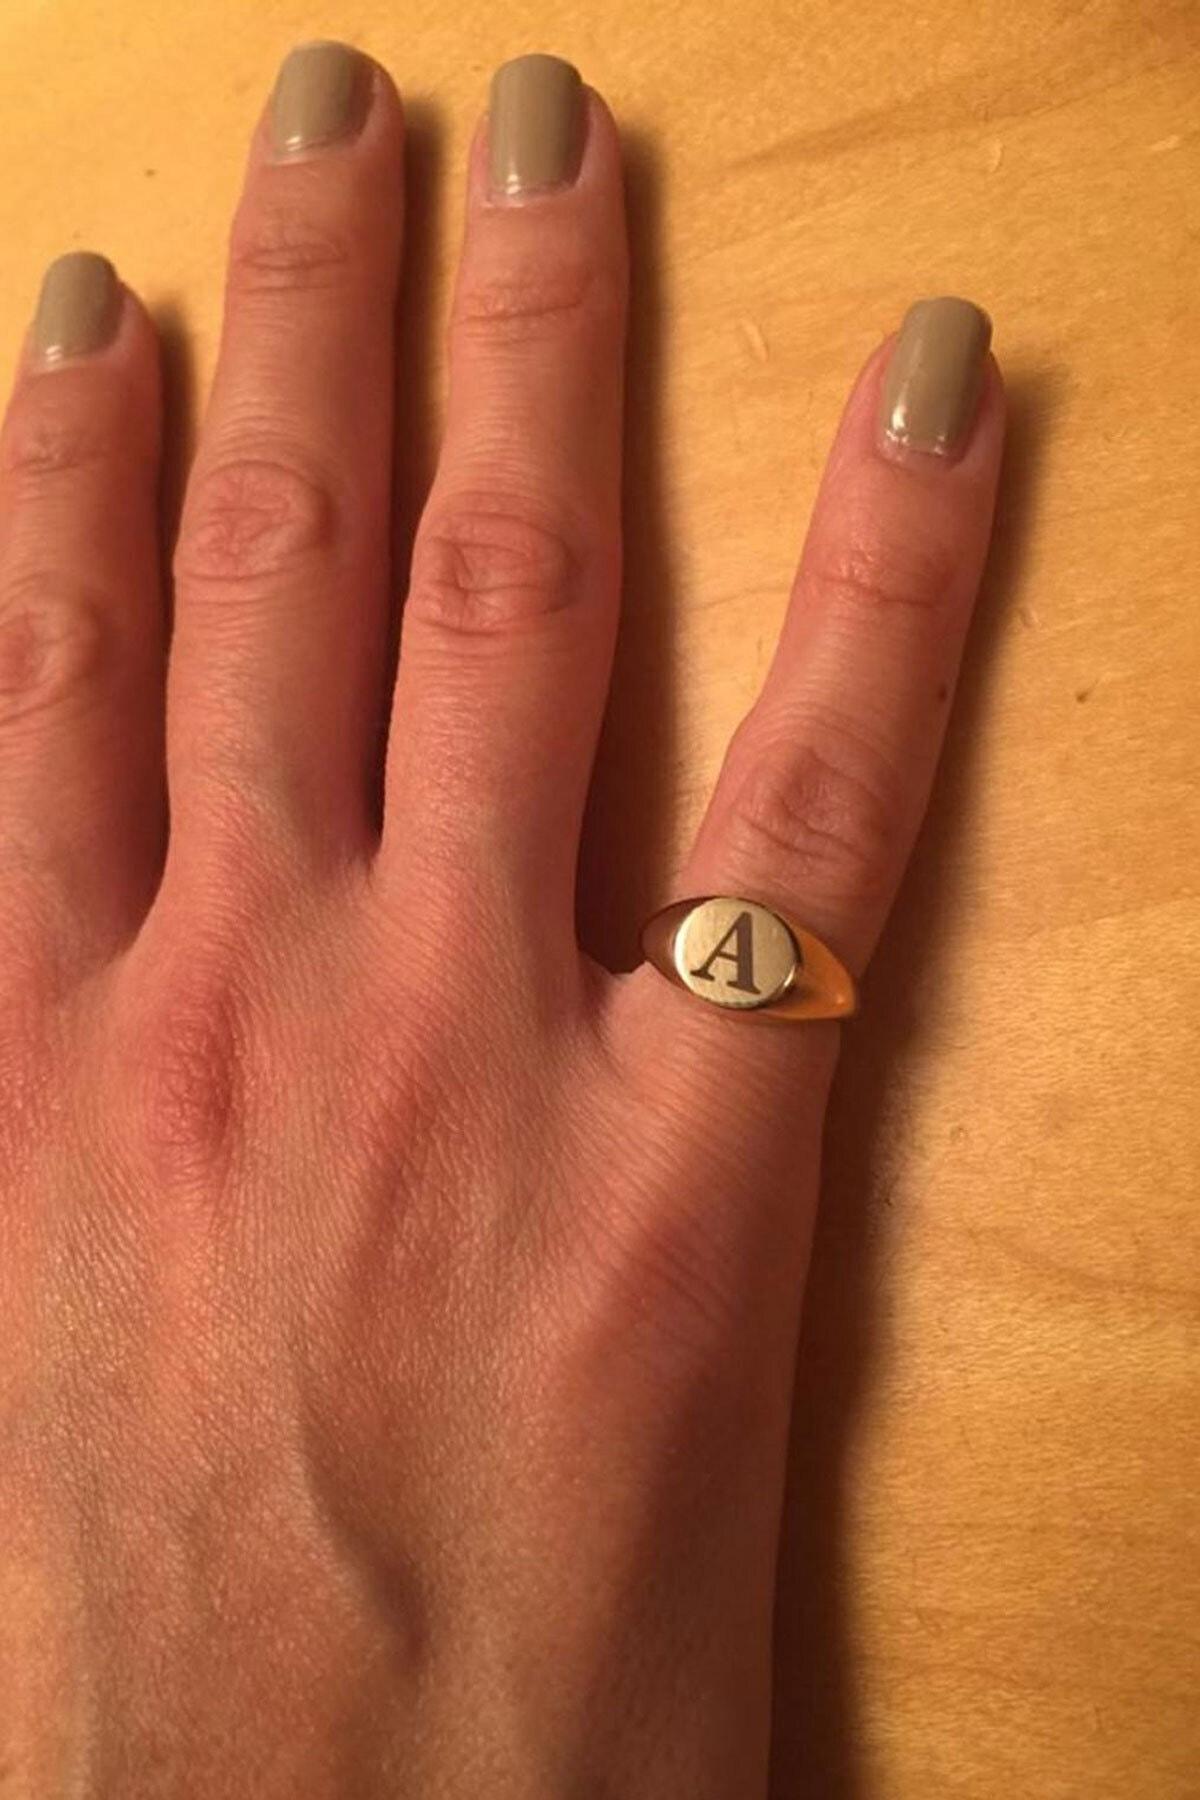 Papatya Silver 925 Ayar Rose Altın Kaplama Ayarlanabilir Gümüş Harf Yüzük 1